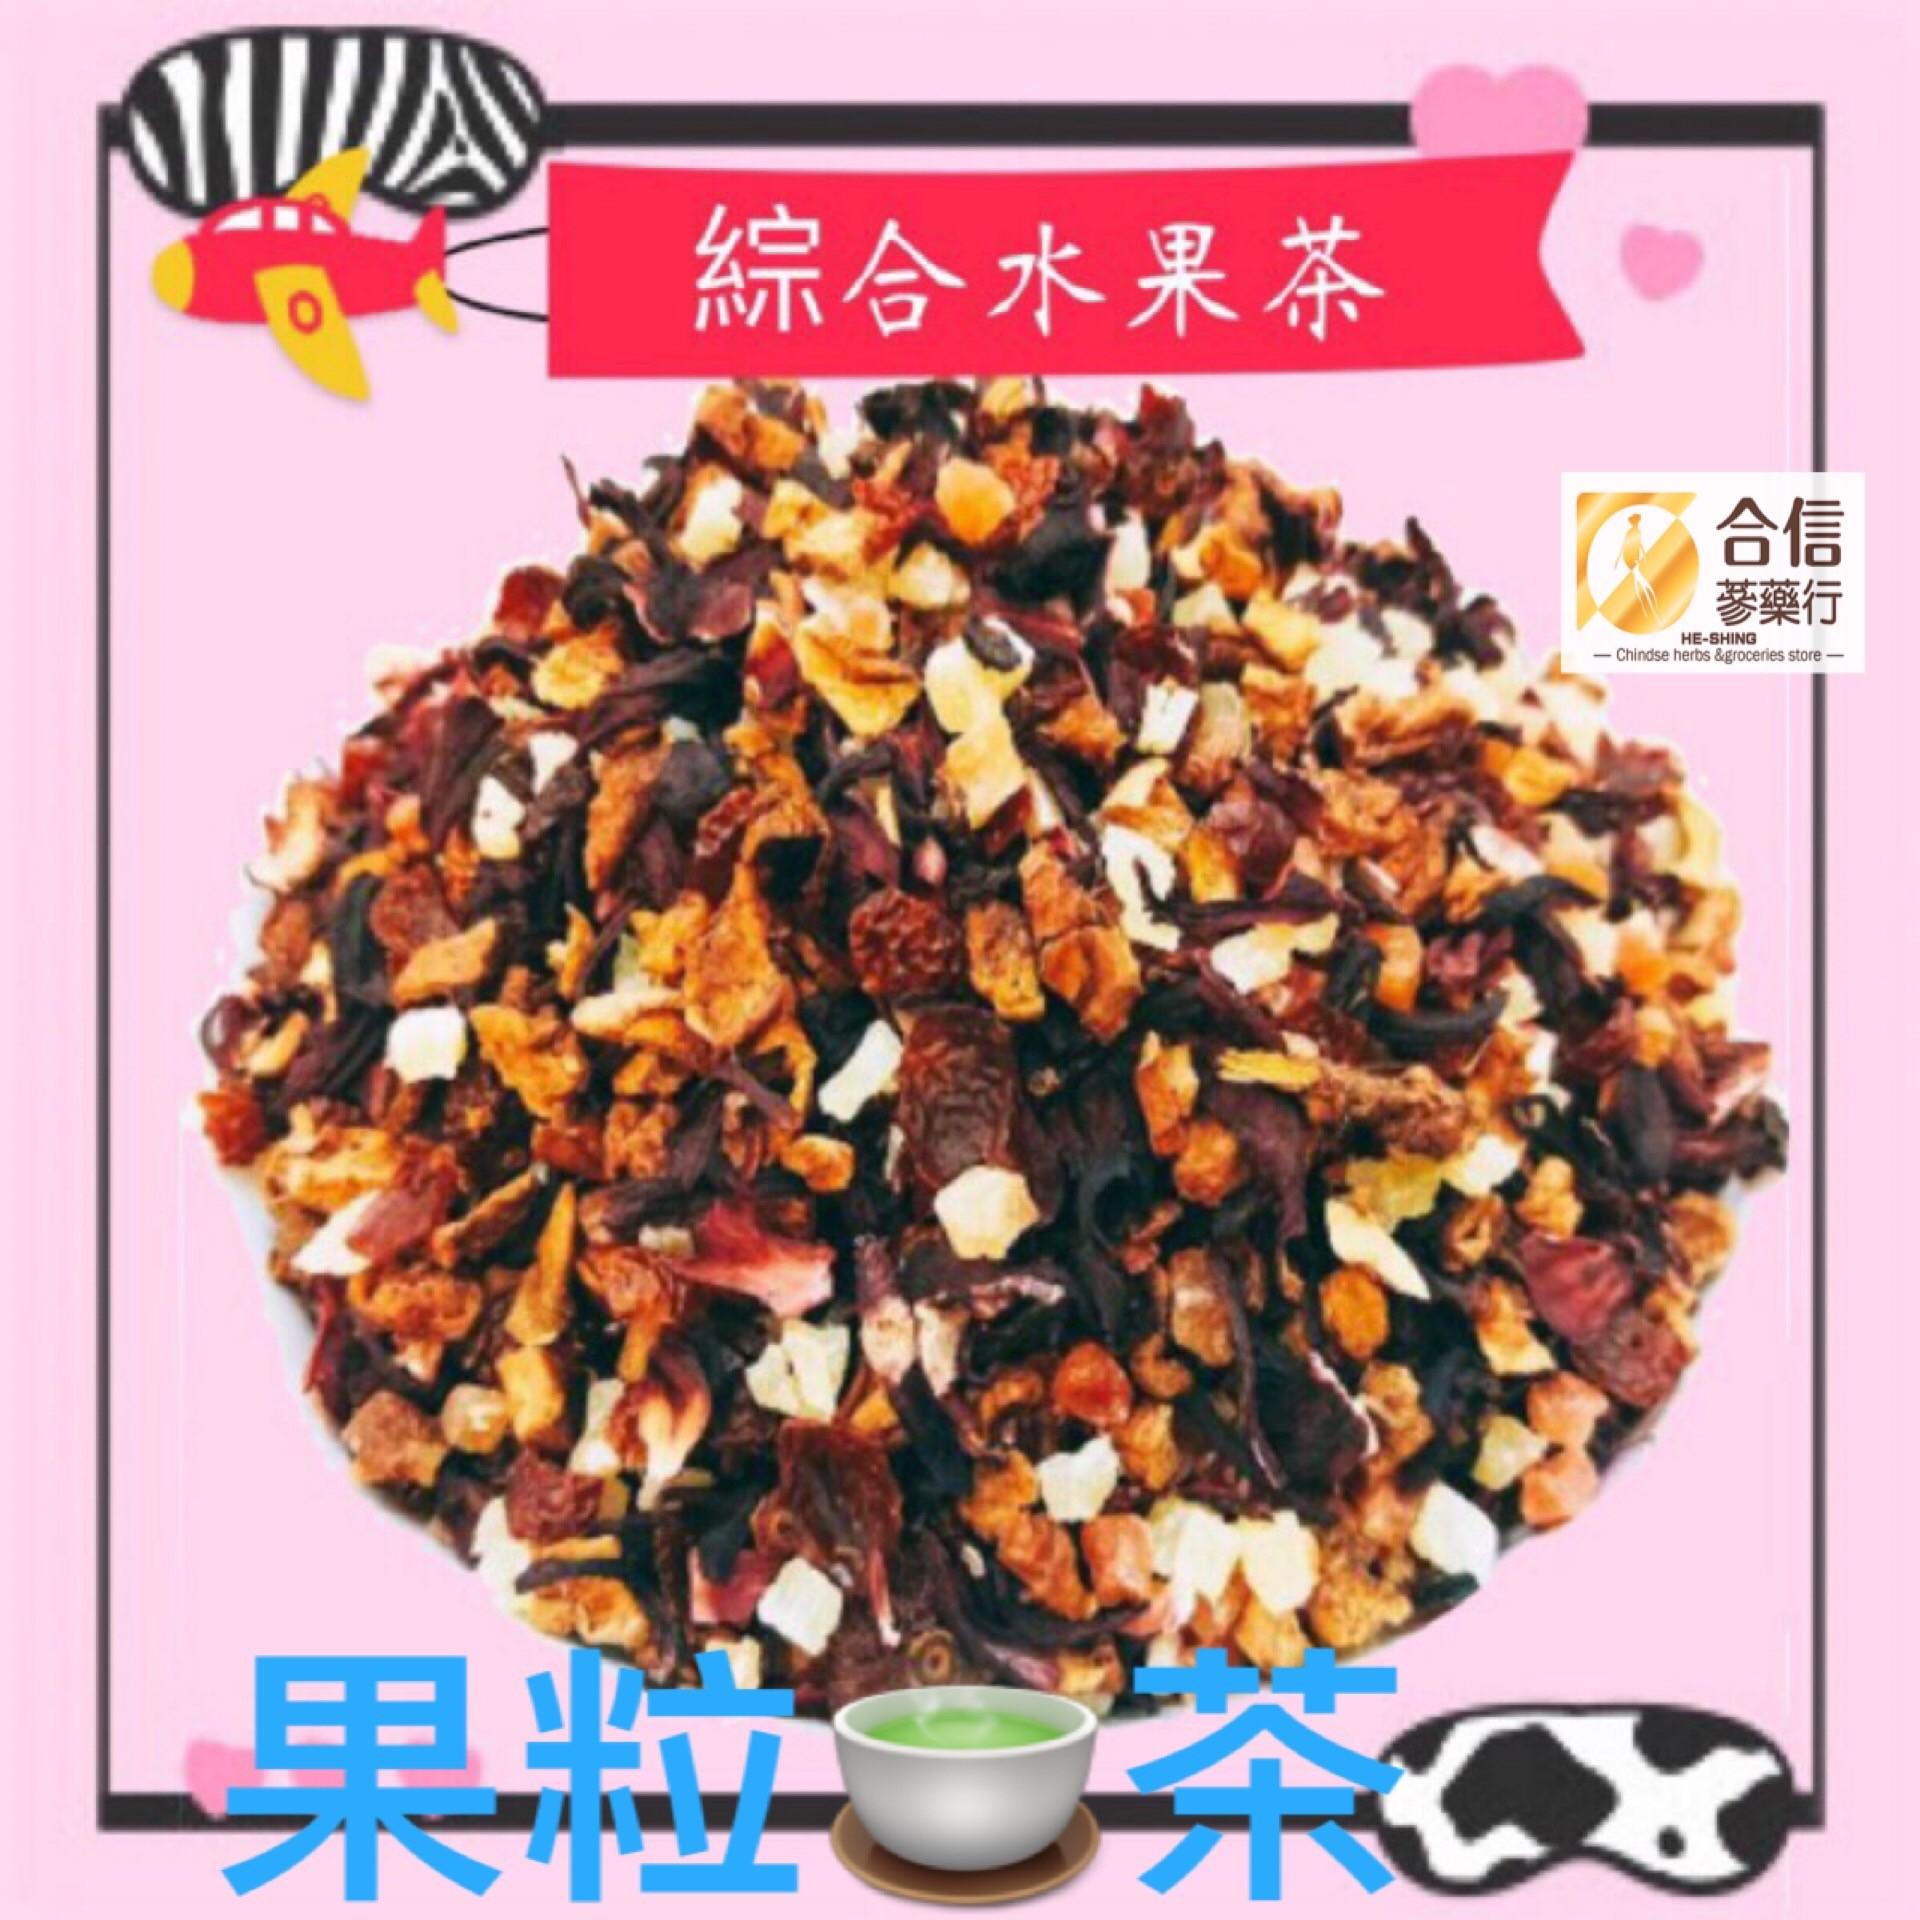 【綜合水果茶】300g/氣味芬香 酸酸甜甜